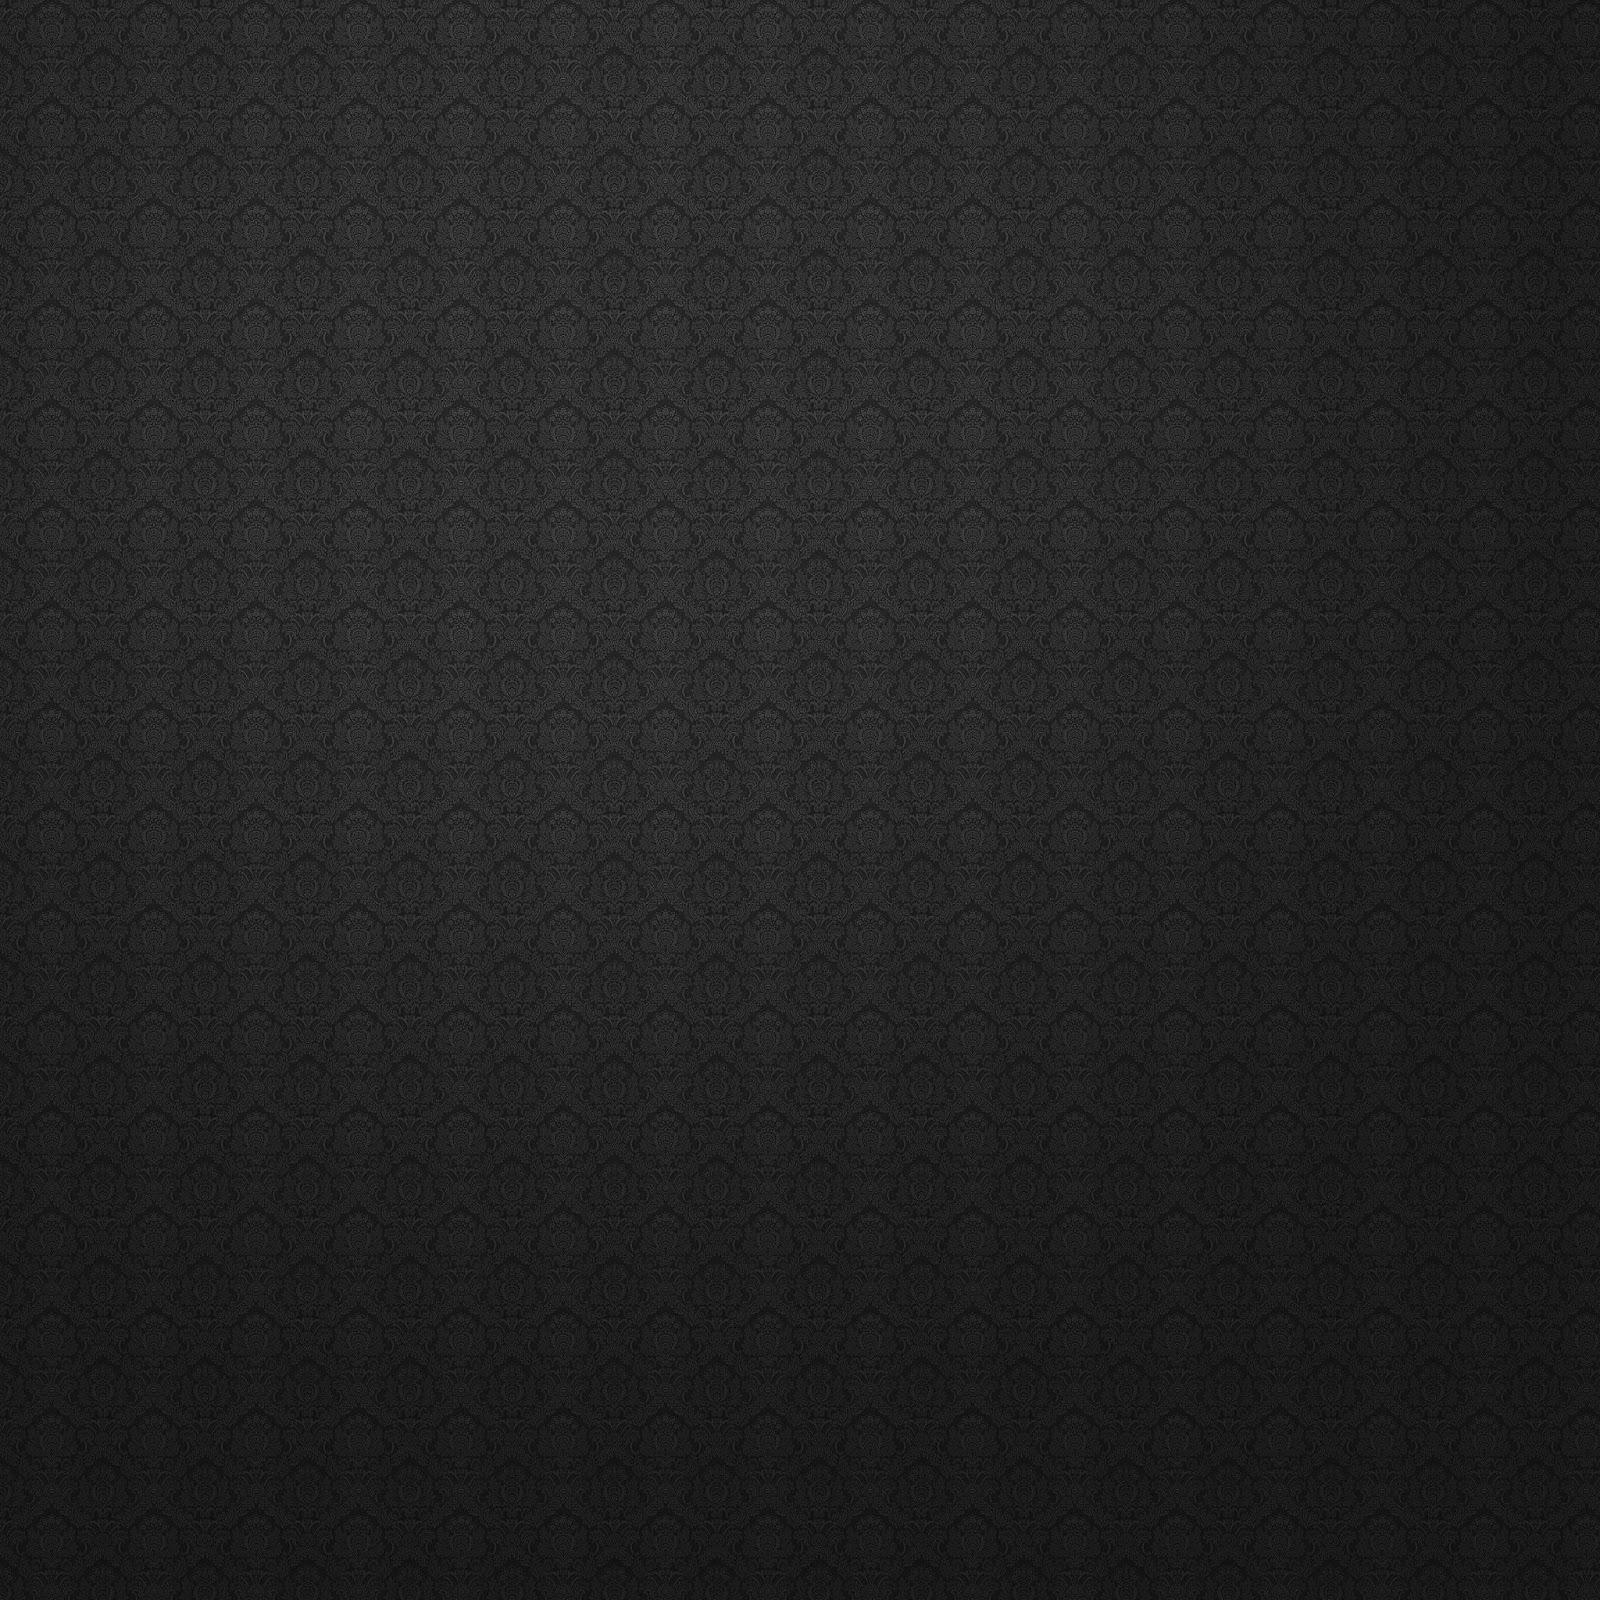 New iPad Black Wallpapers | Free Retina iPad wallpaper